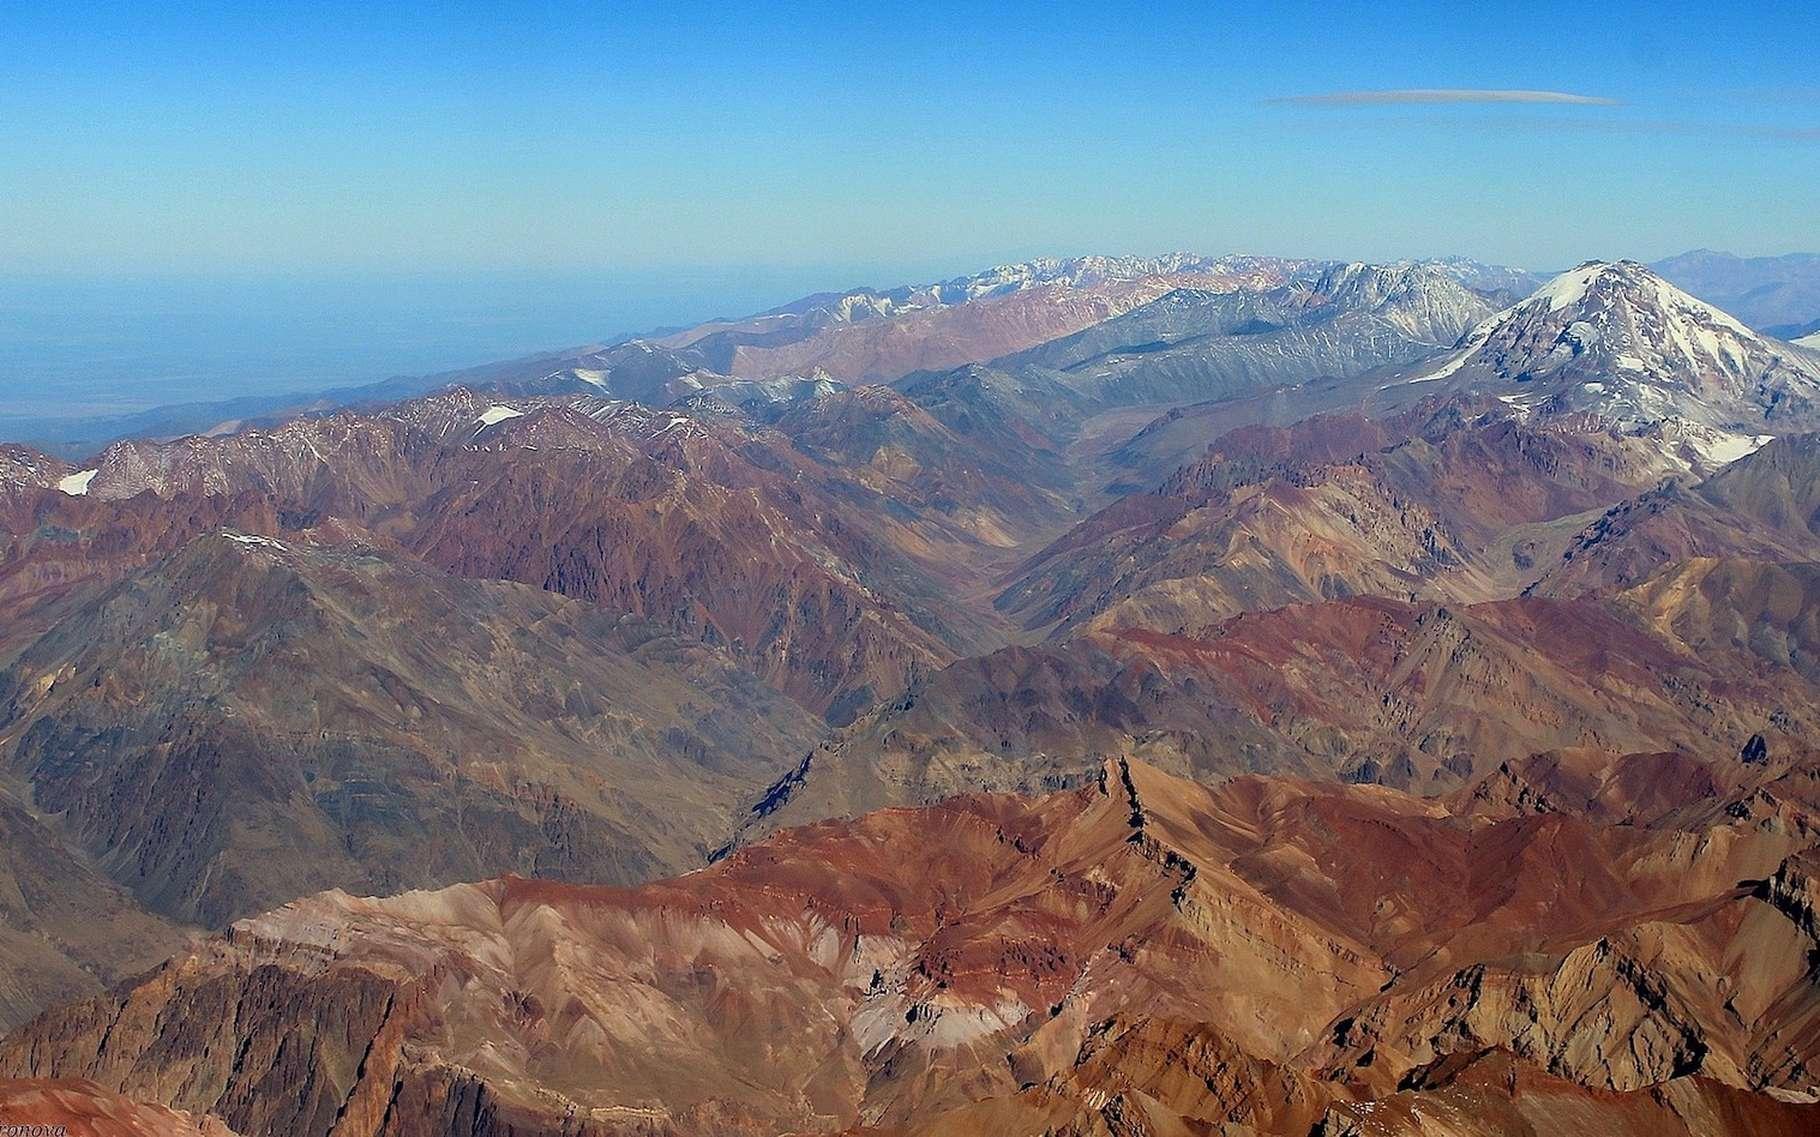 Des chercheurs français vont poser leur laboratoire dans la ville la plus haute du monde, dans la cordillère des Andes. Objectif : étudier les effets du manque d'oxygène sur la population locale. © 472619, Pixabay, CC0 Creative Commons